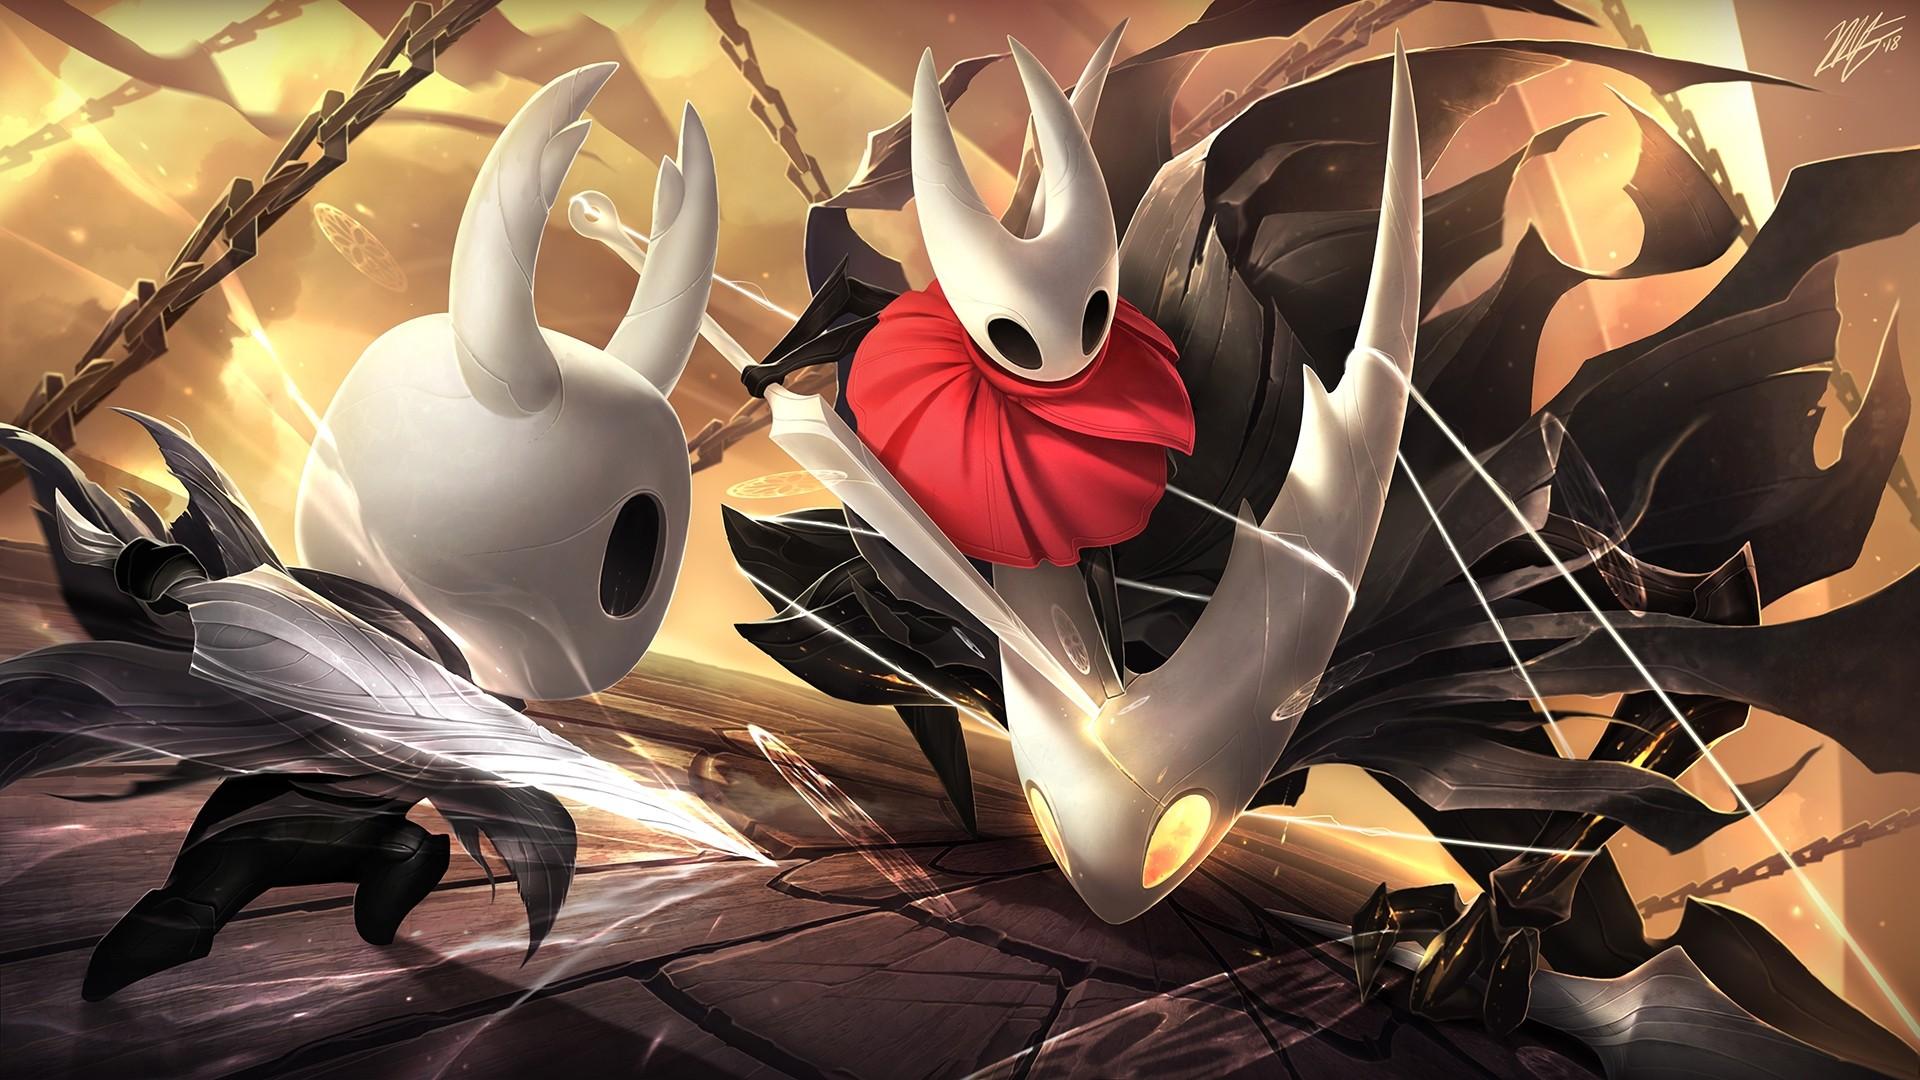 Hollow Knight a wallpaper